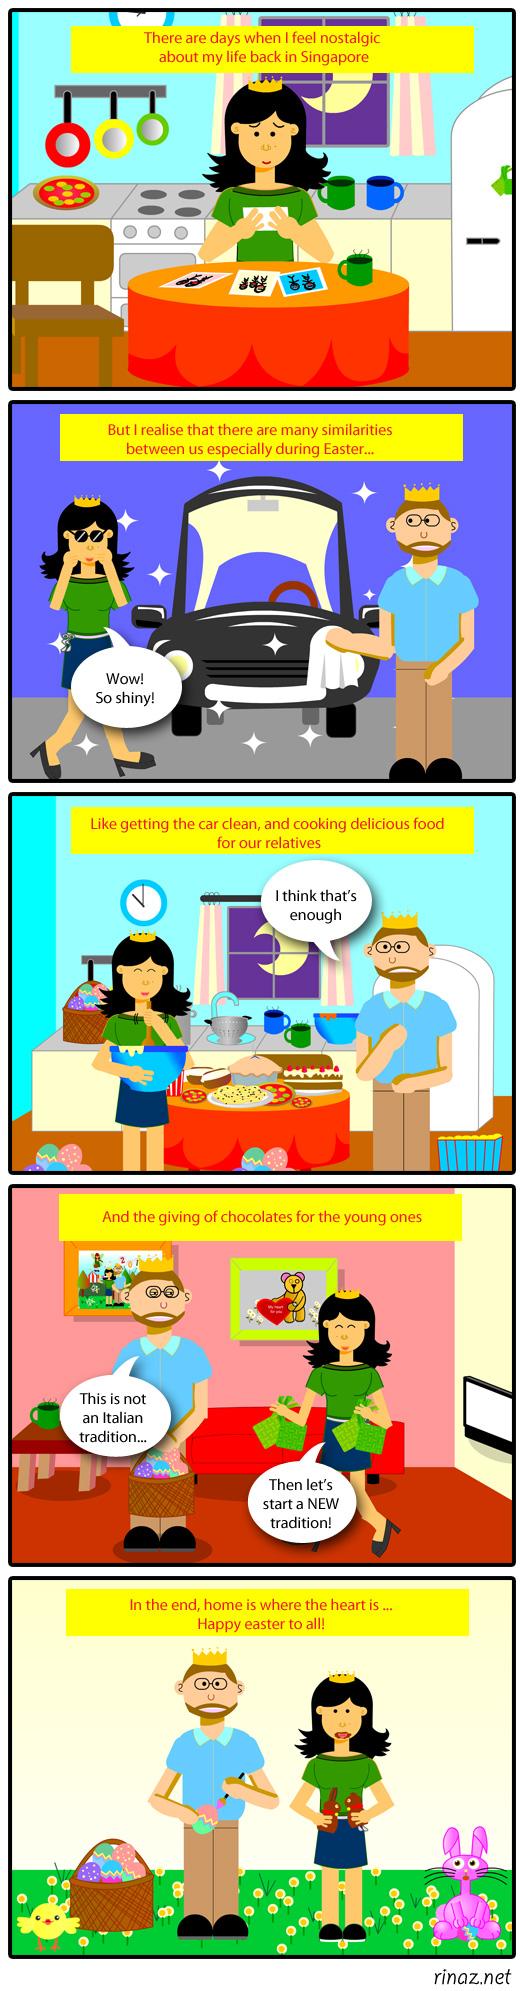 rinaz.net Toons Easter